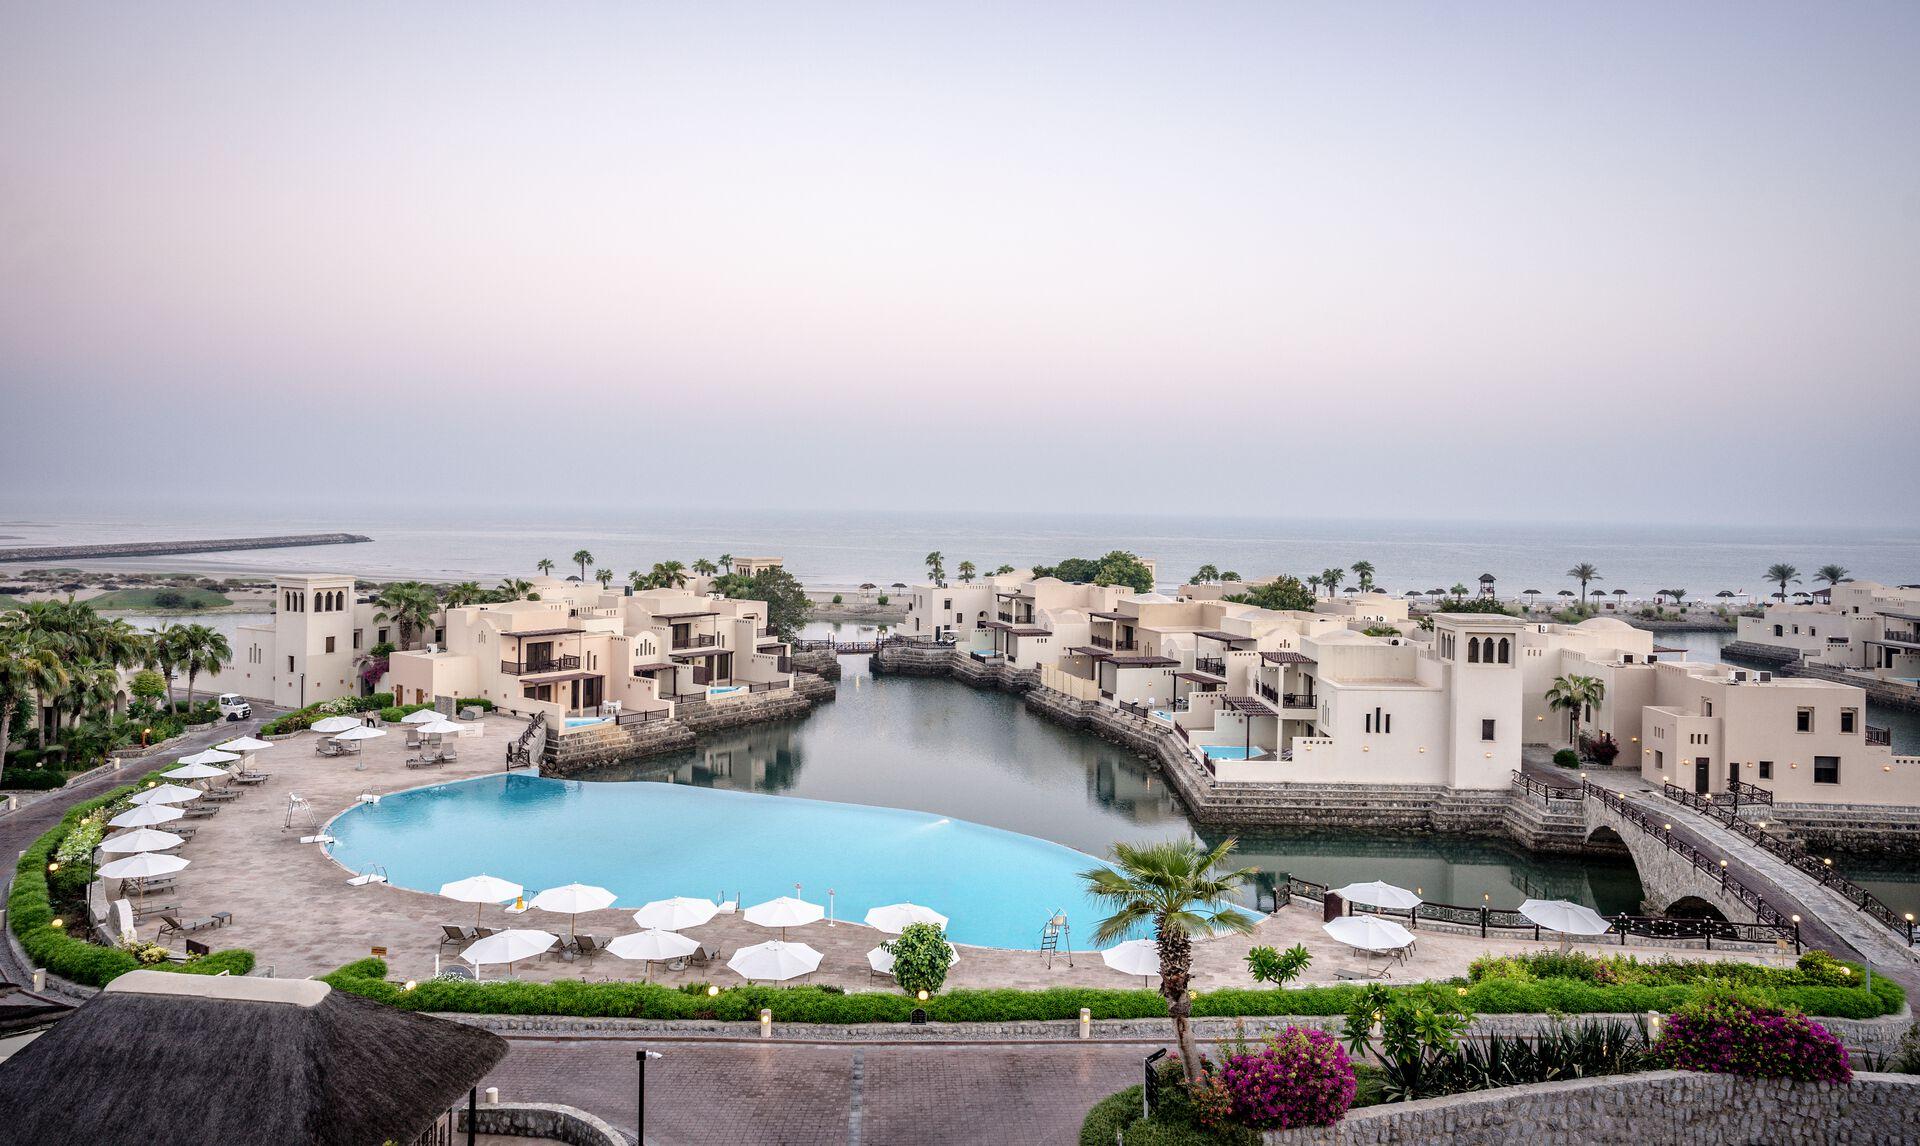 Séjour Ras Al Khaimah - The Cove Rotana Resort - 5*